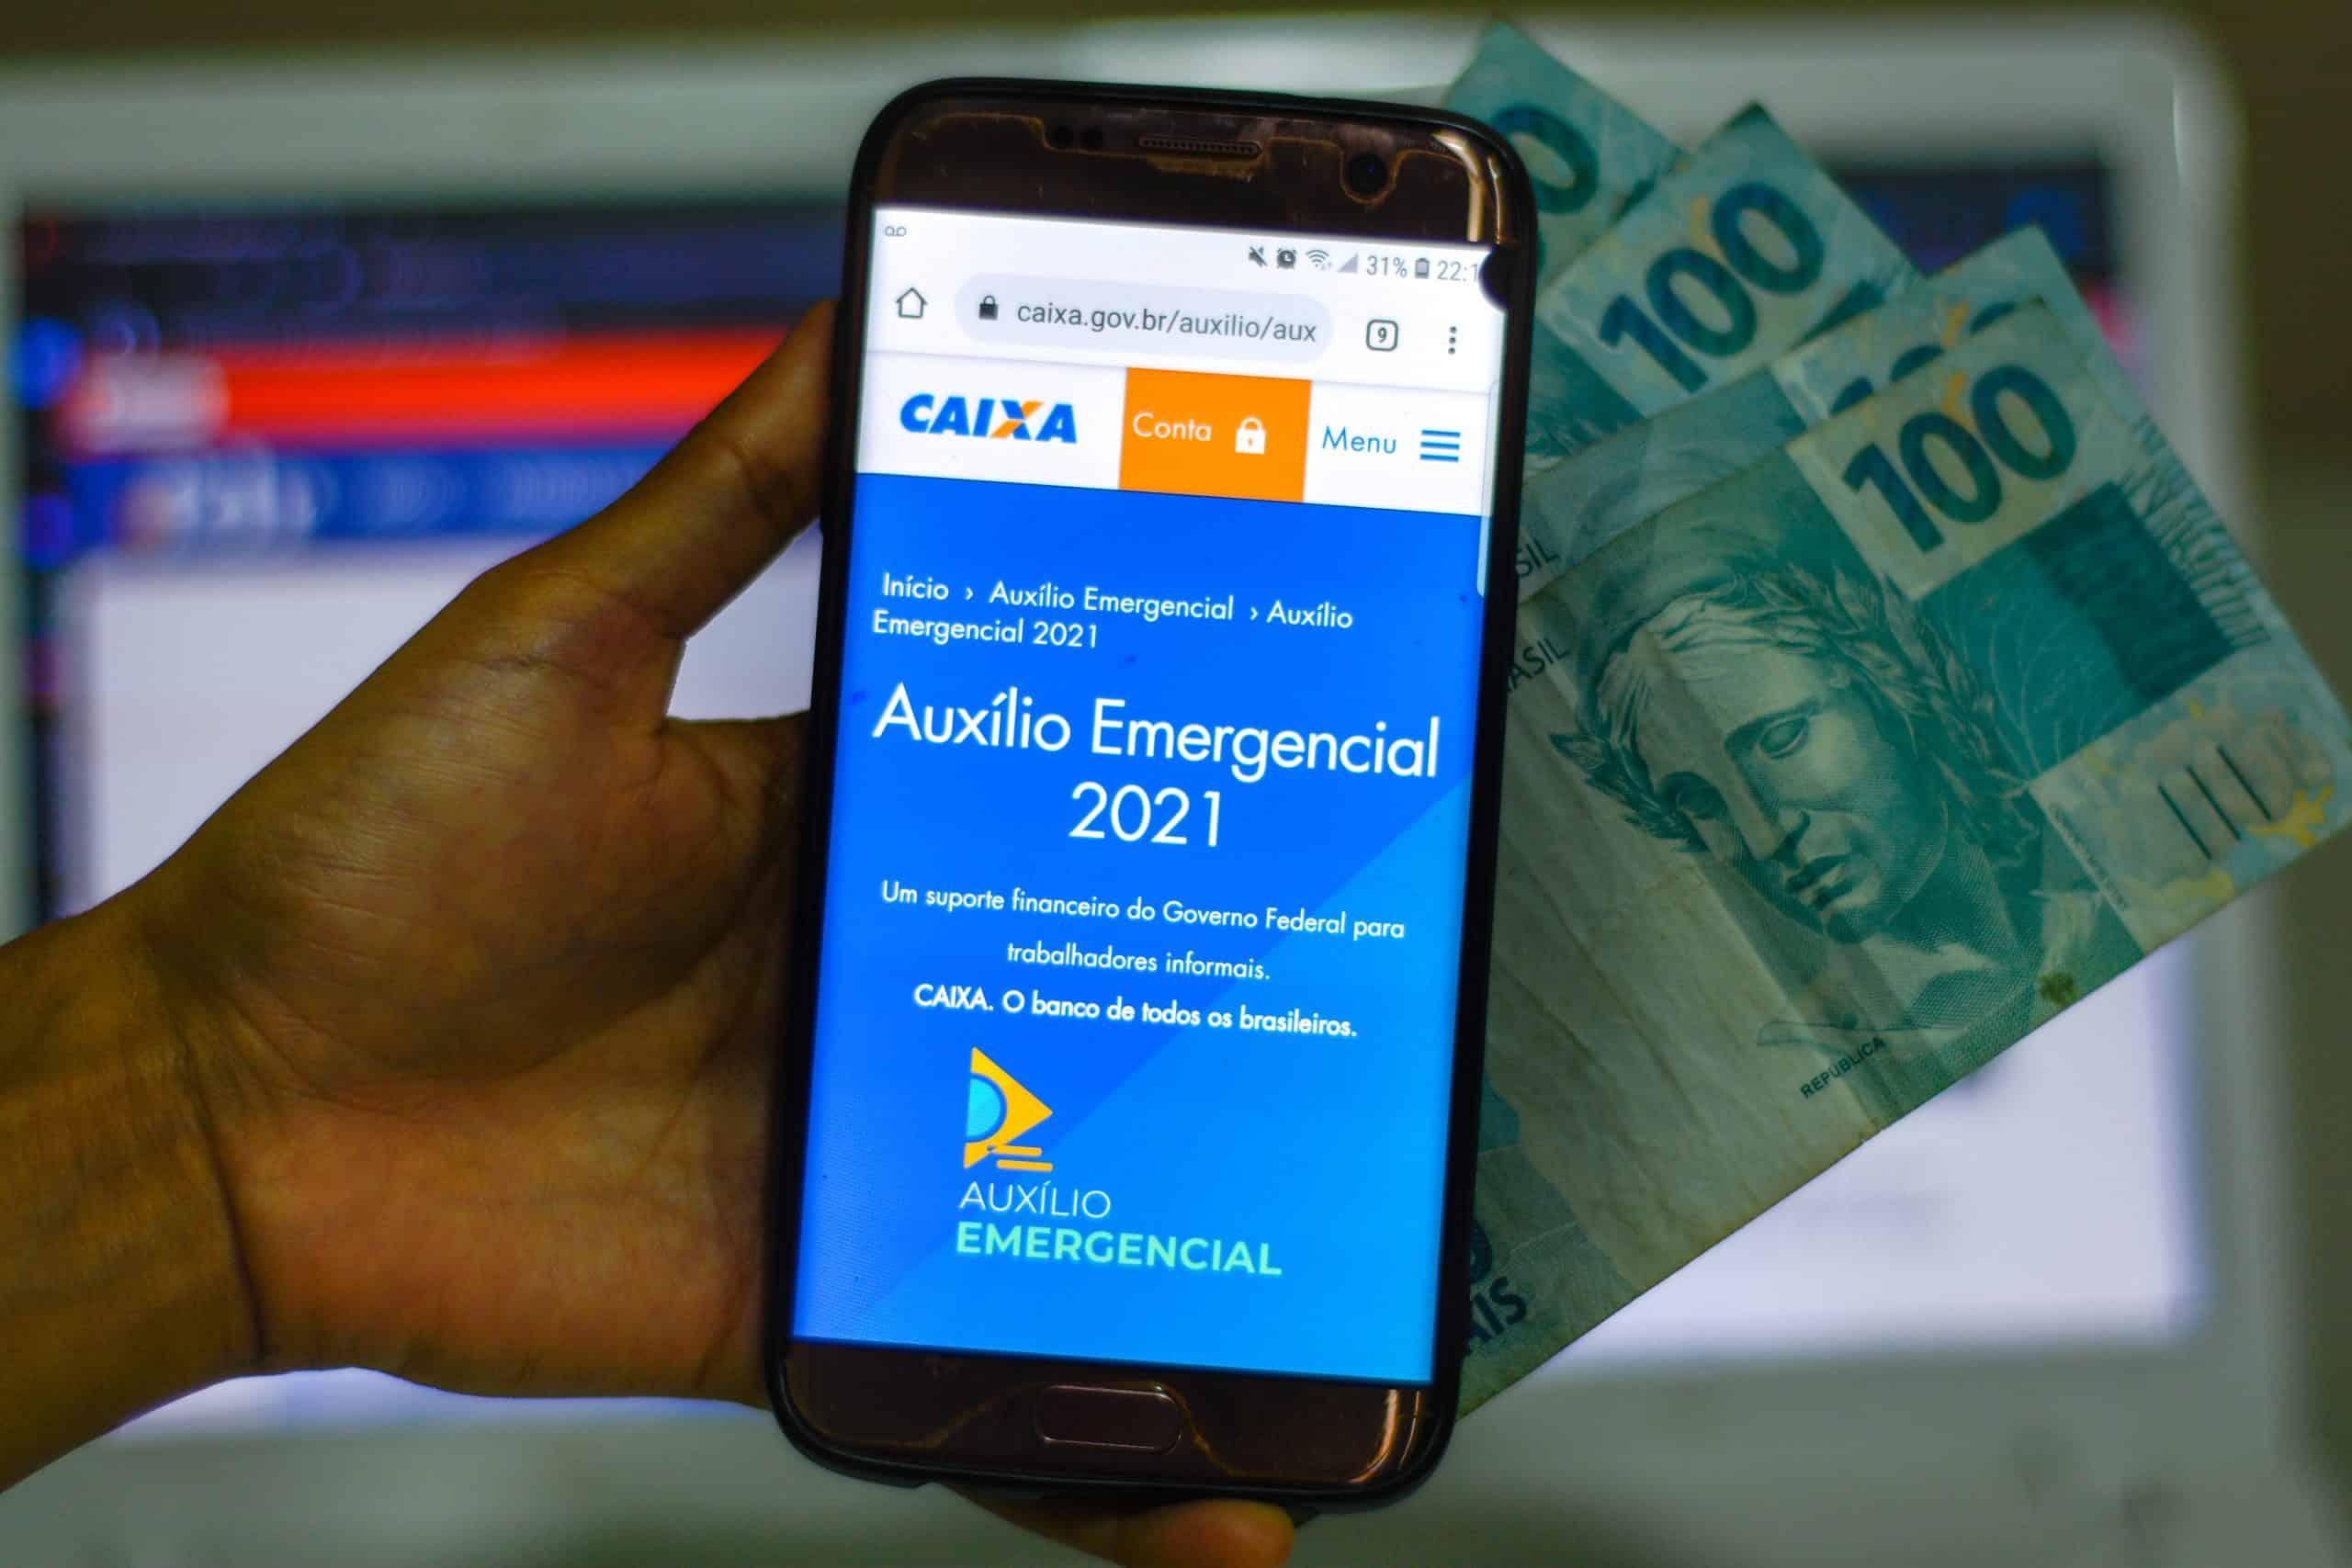 Centrais exigem auxílio emergencial de 600 reais mensais até o fim da pandemia